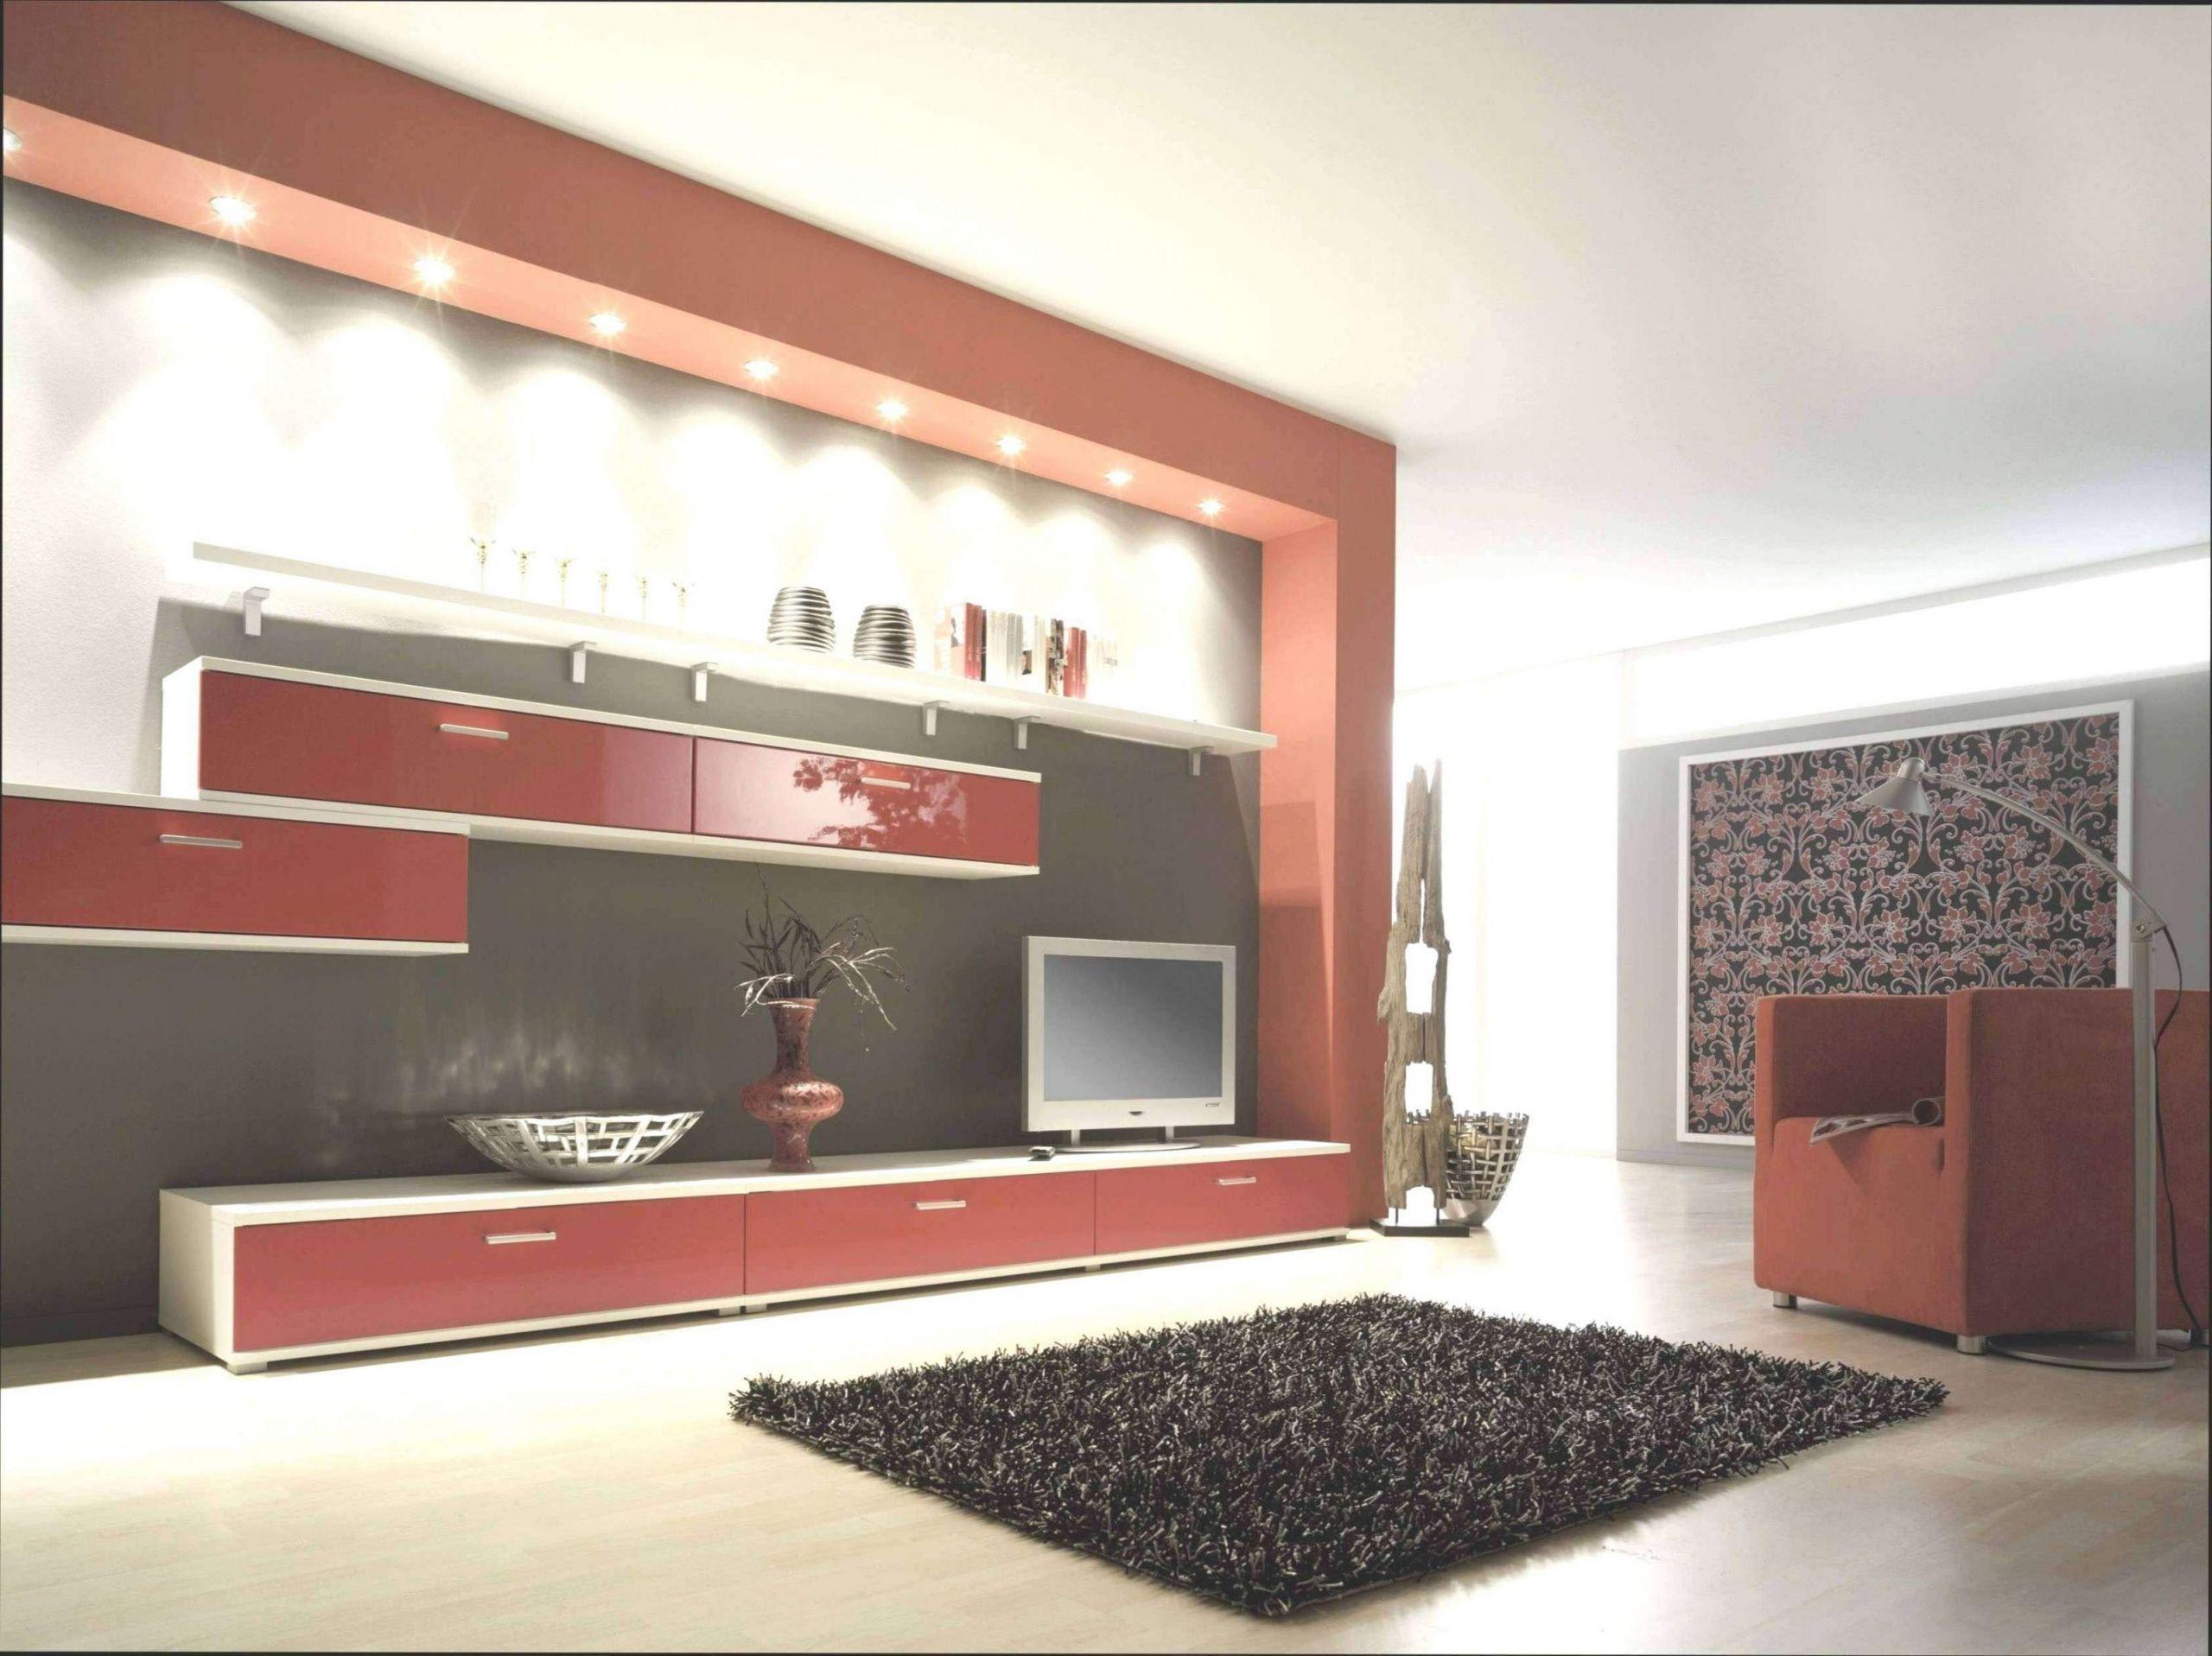 Garten Träume Neu Lösungen Für Kleine Schlafzimmer — Temobardz Home Blog